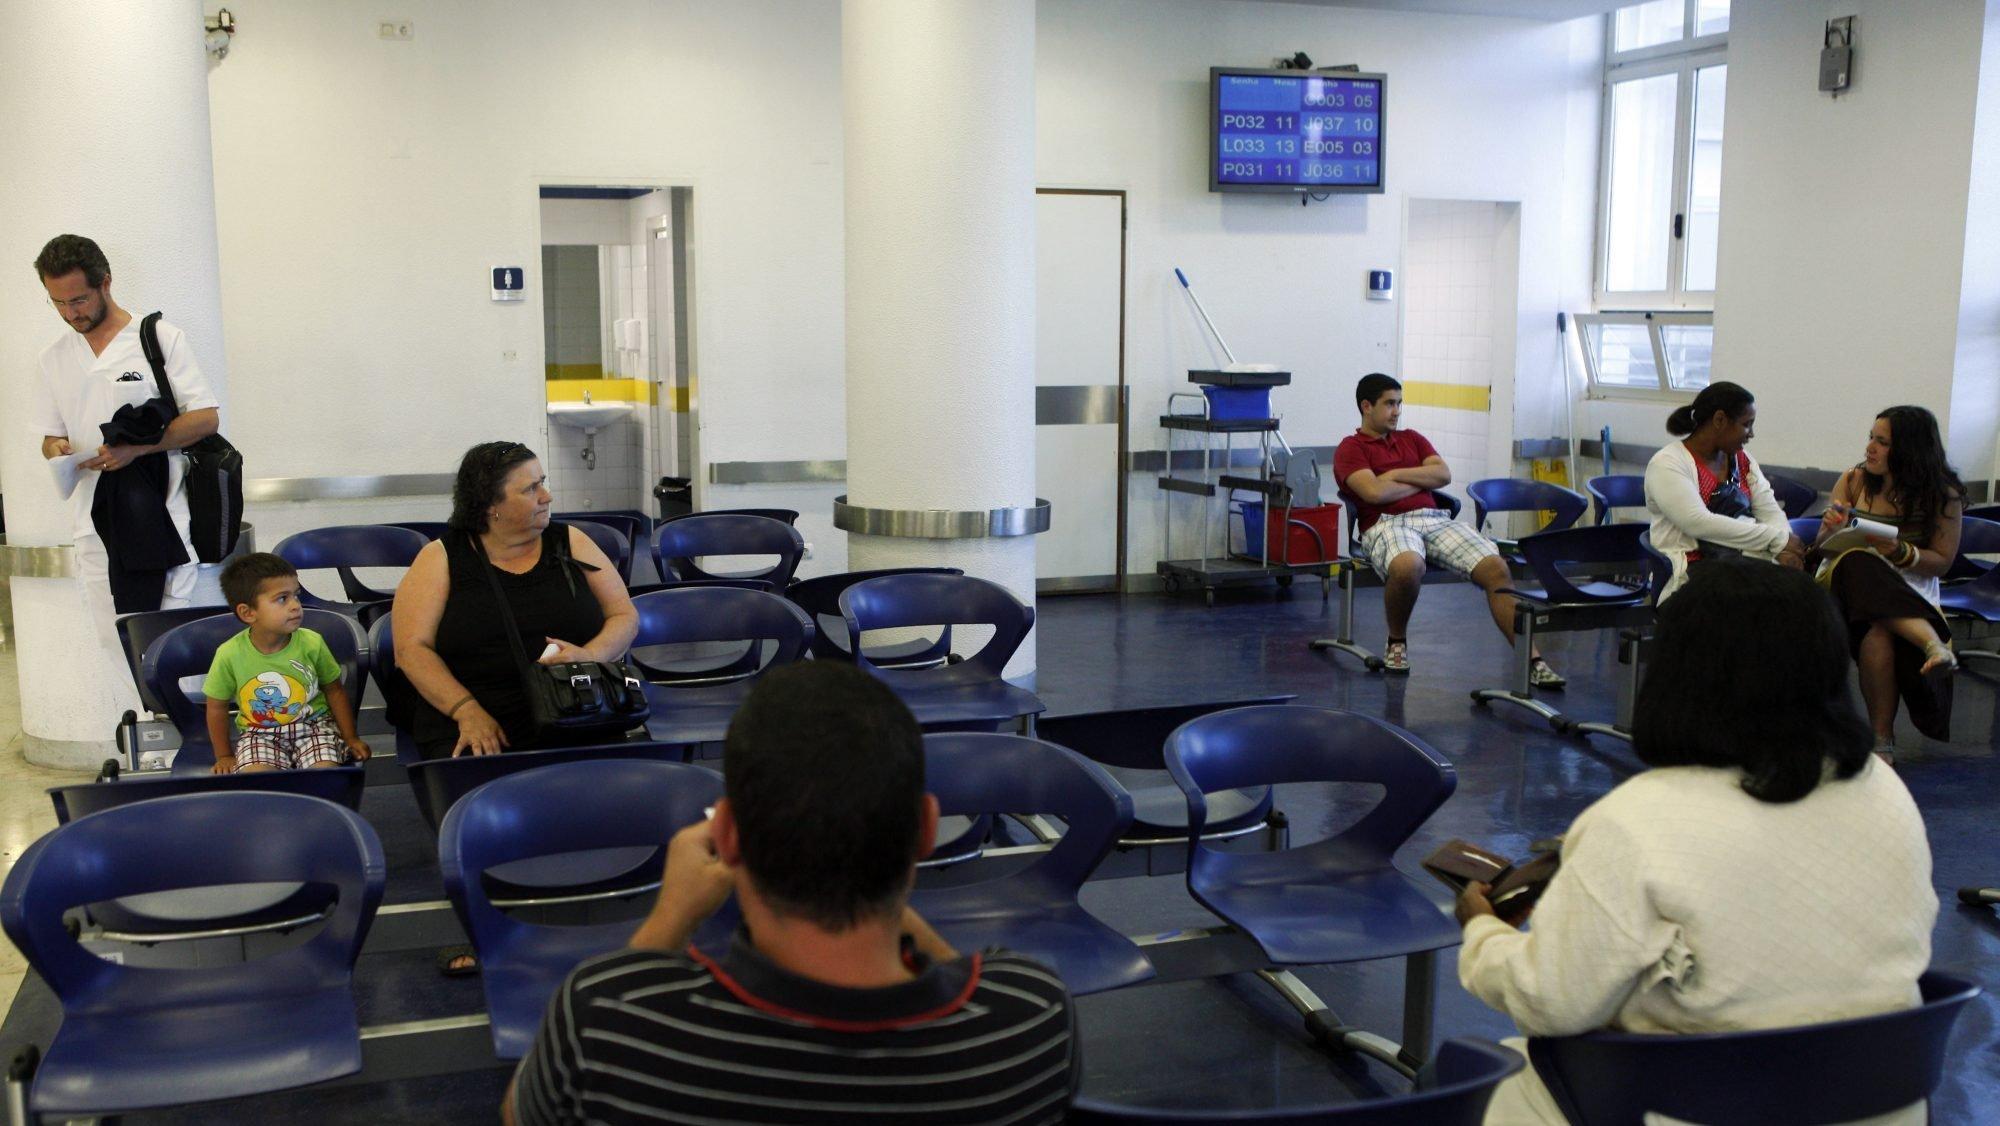 Utentes aguardam numa sala de espera por uma consulta no Hospital Santa Maria